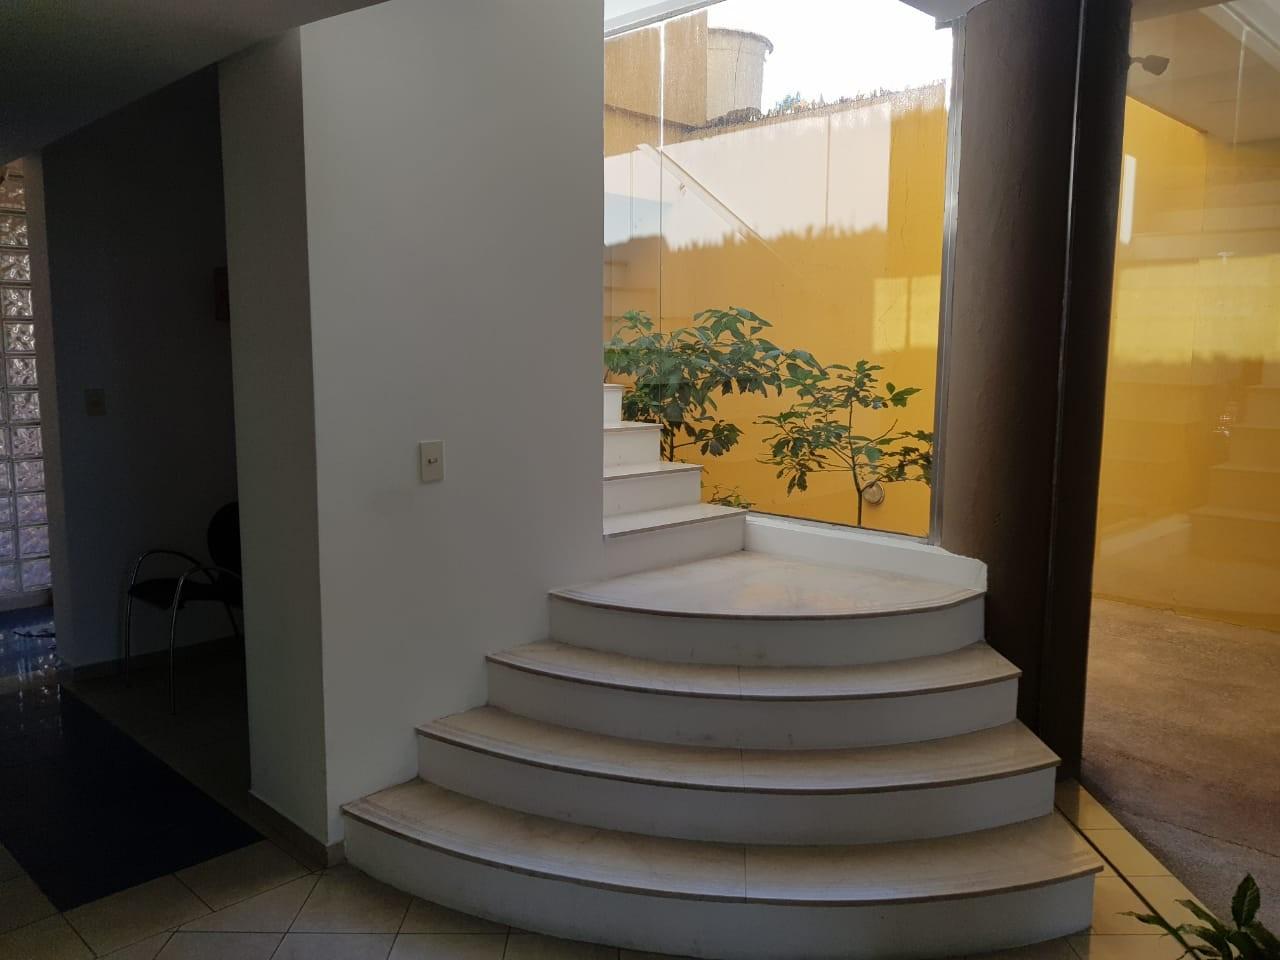 Departamento en Duplex Venta -  (San Miguel)